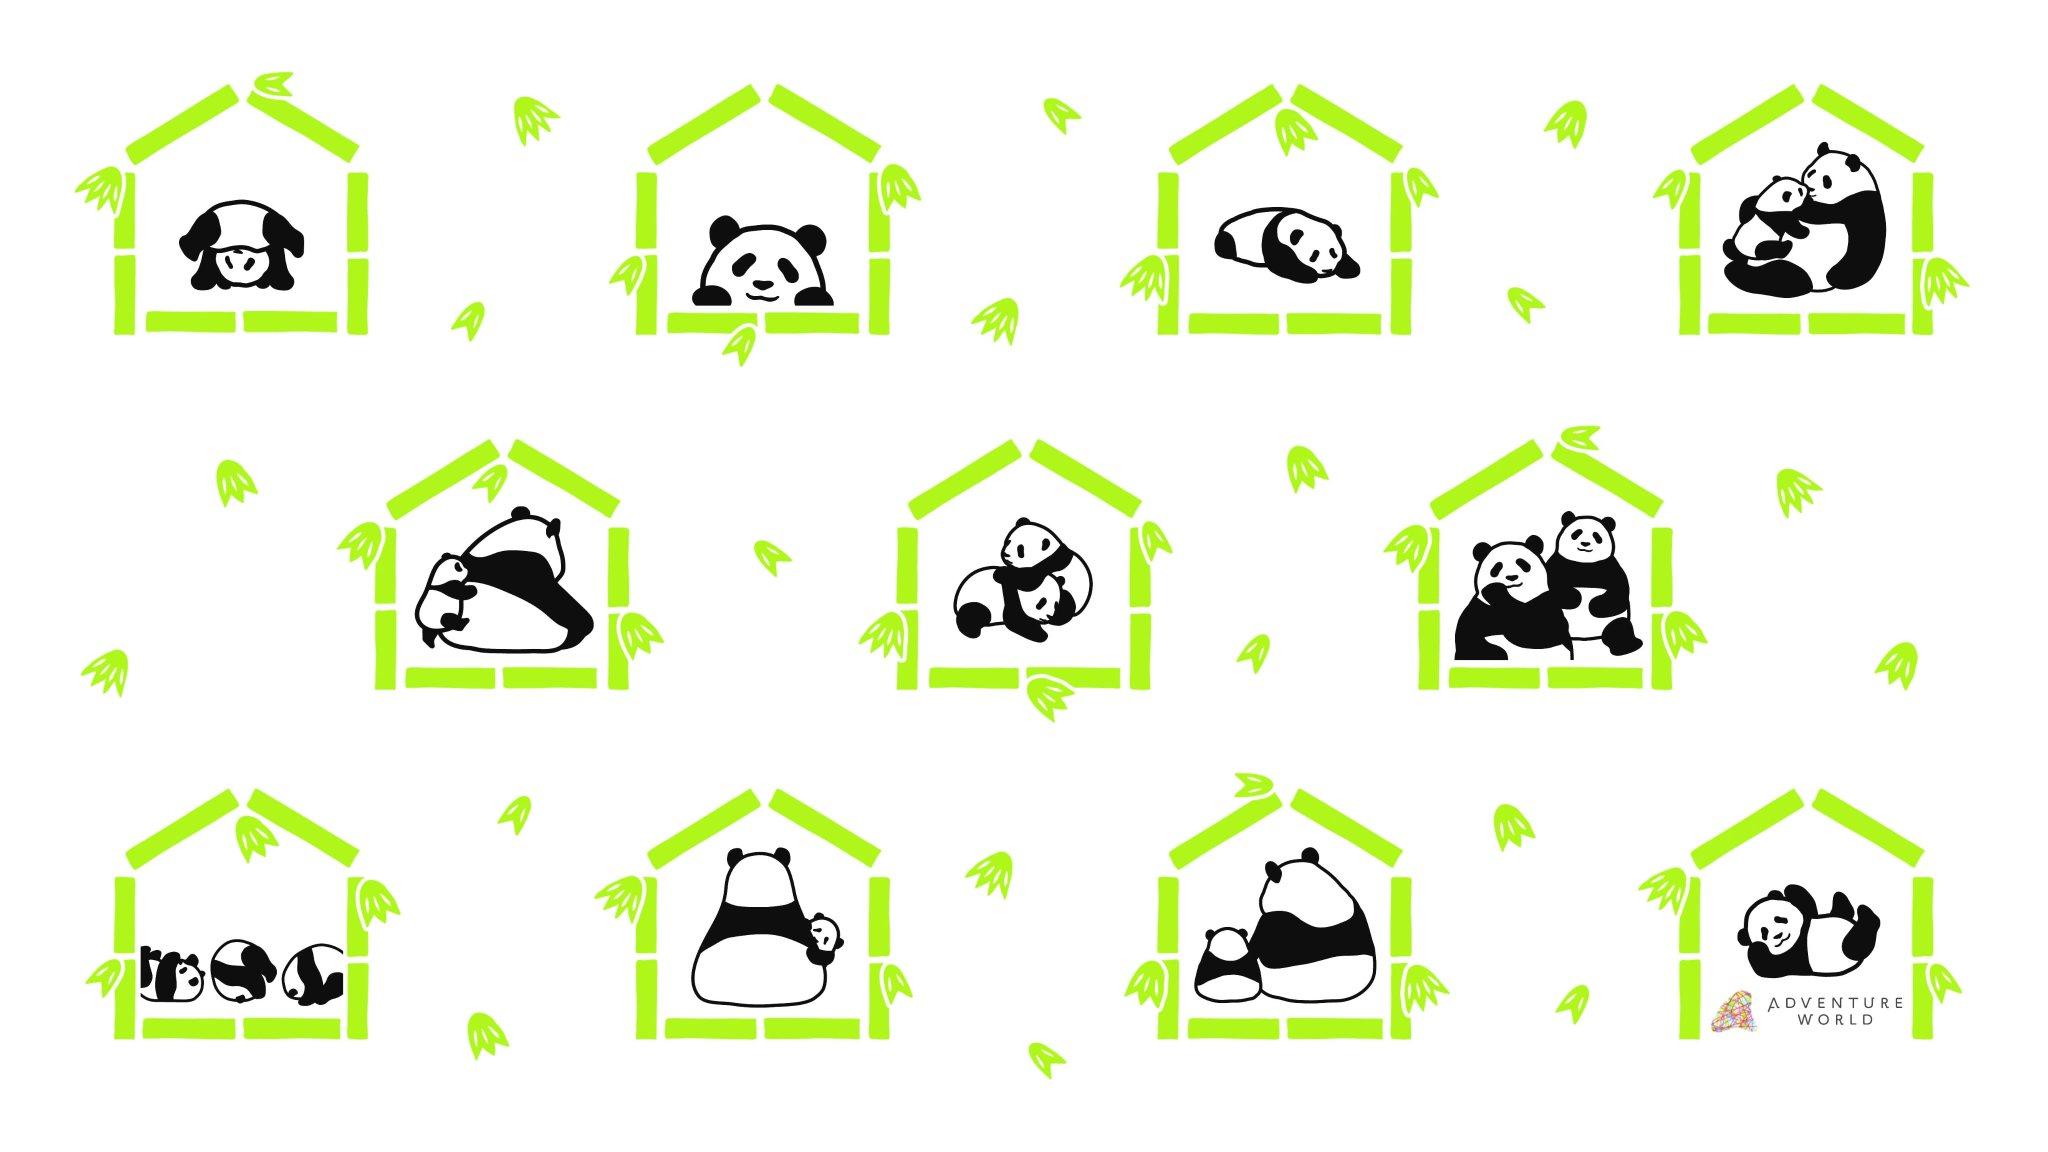 アドベンチャーワールド 公式 オリジナルパンダ壁紙 コロコロかわいいパンダイラストの壁紙を無料配布 ウェブ会議ツールの背景用などご自由にお使いください パンダファミリー を通してたくさんの方にsmileの輪が広がりますように 商業的利用